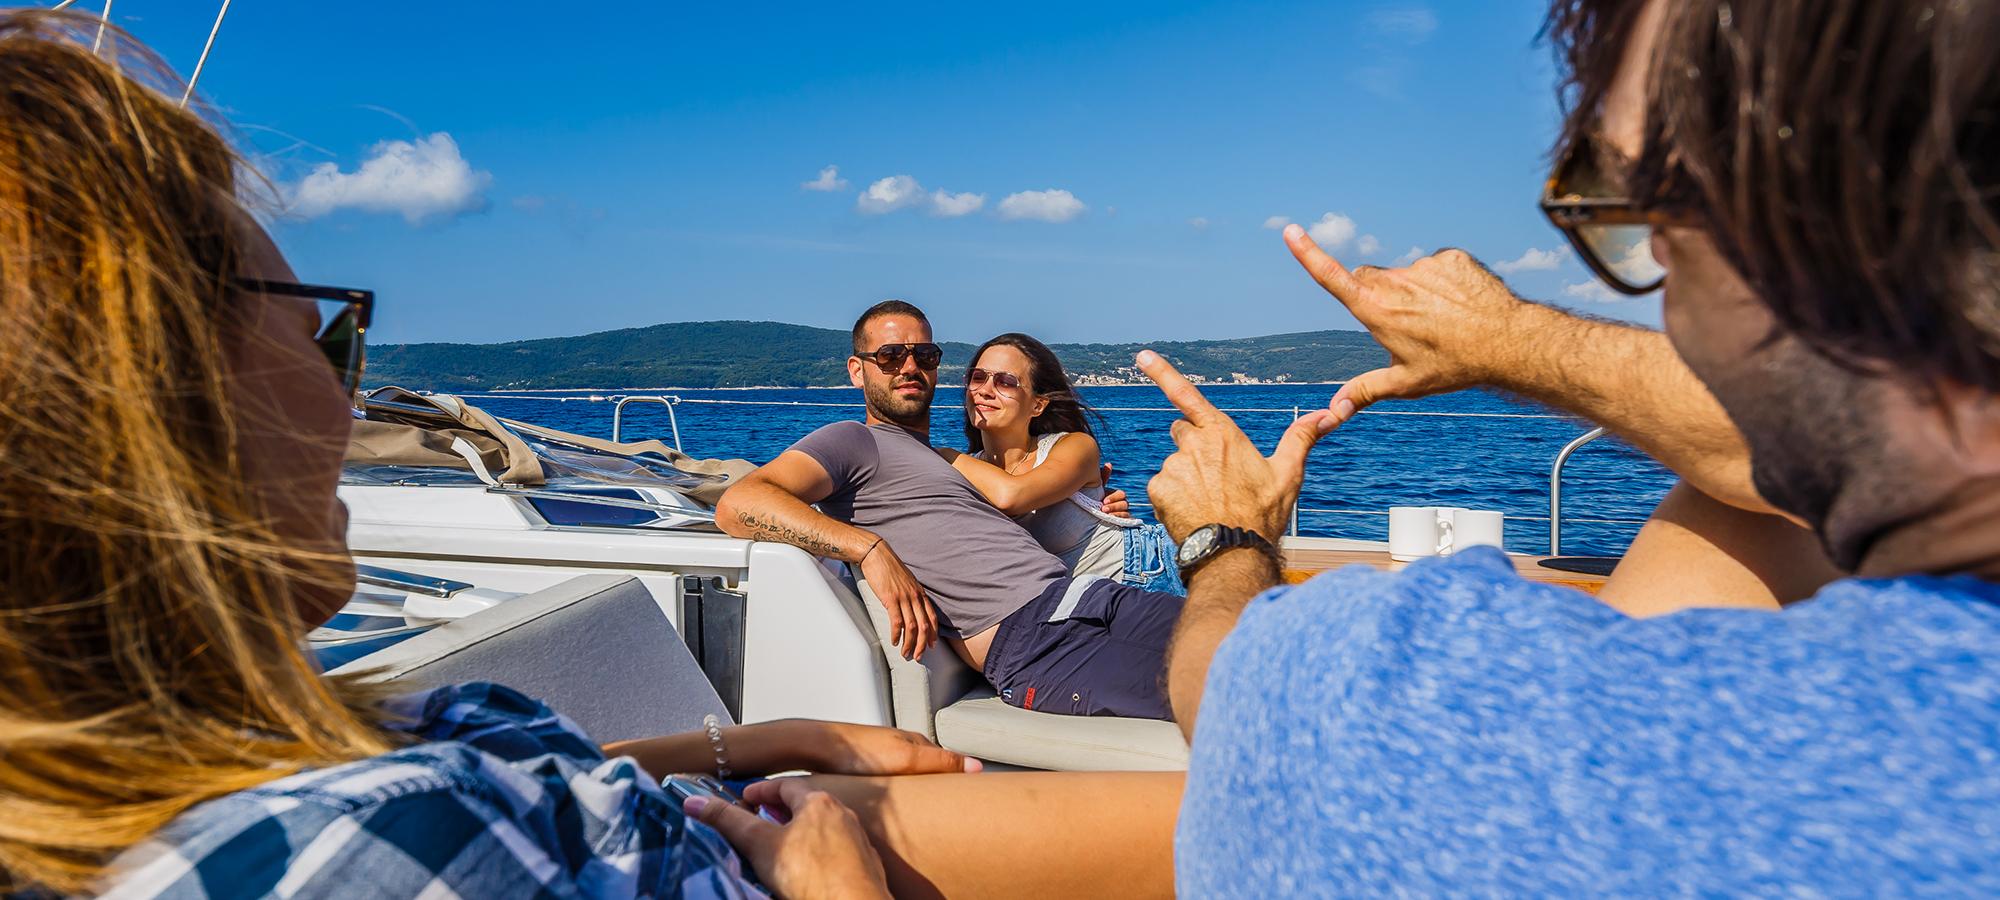 Budgetplanung für Ihren Segelurlaub in Kroatien